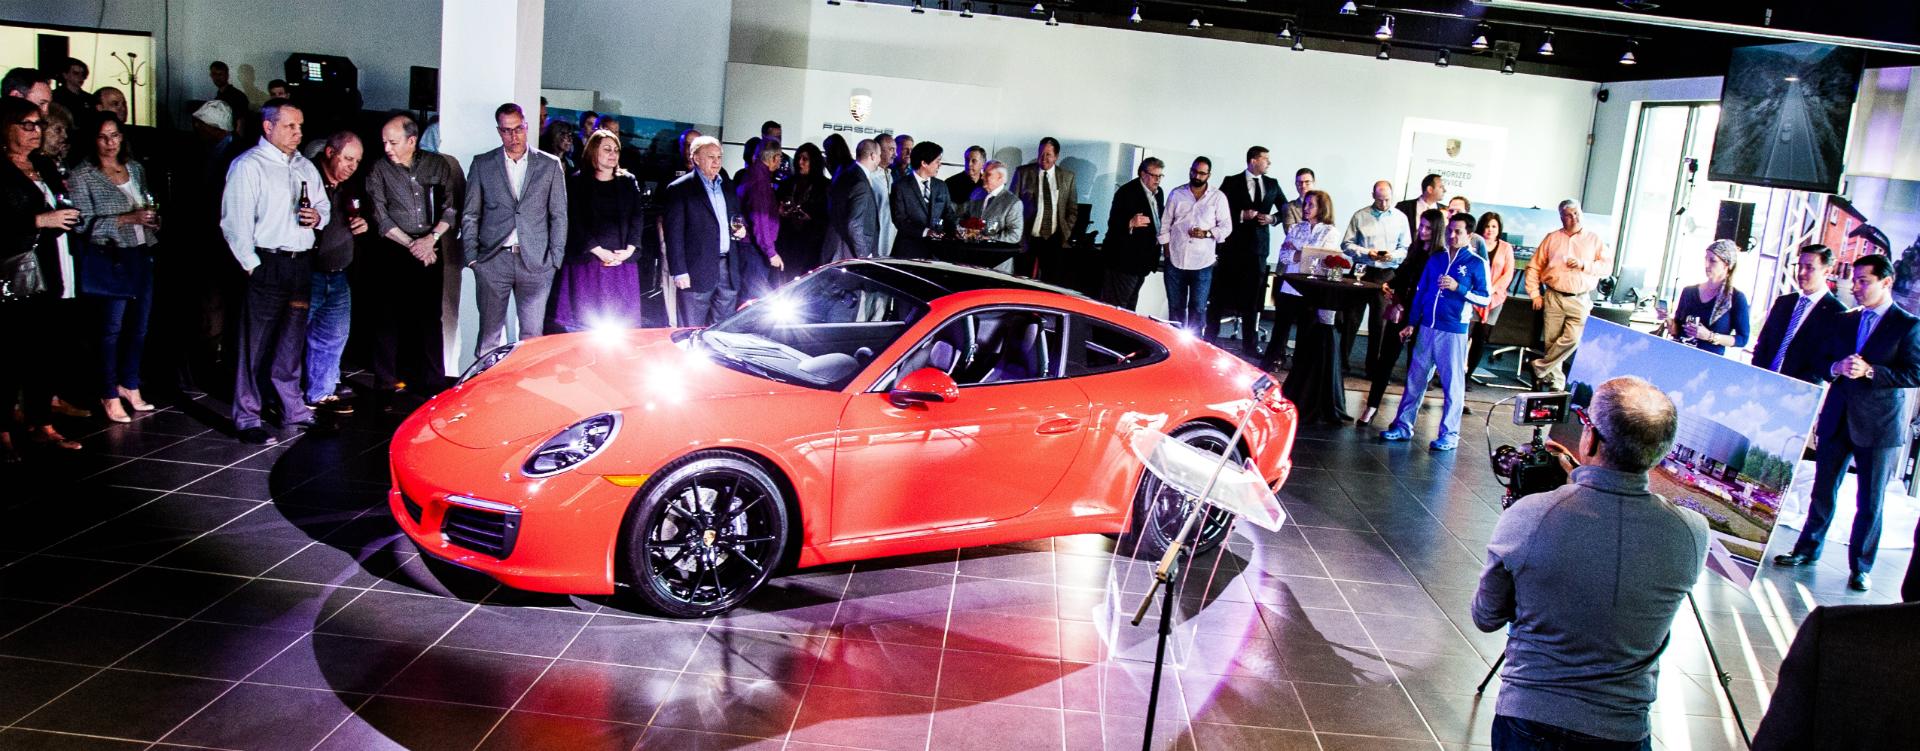 PorscheLaunch